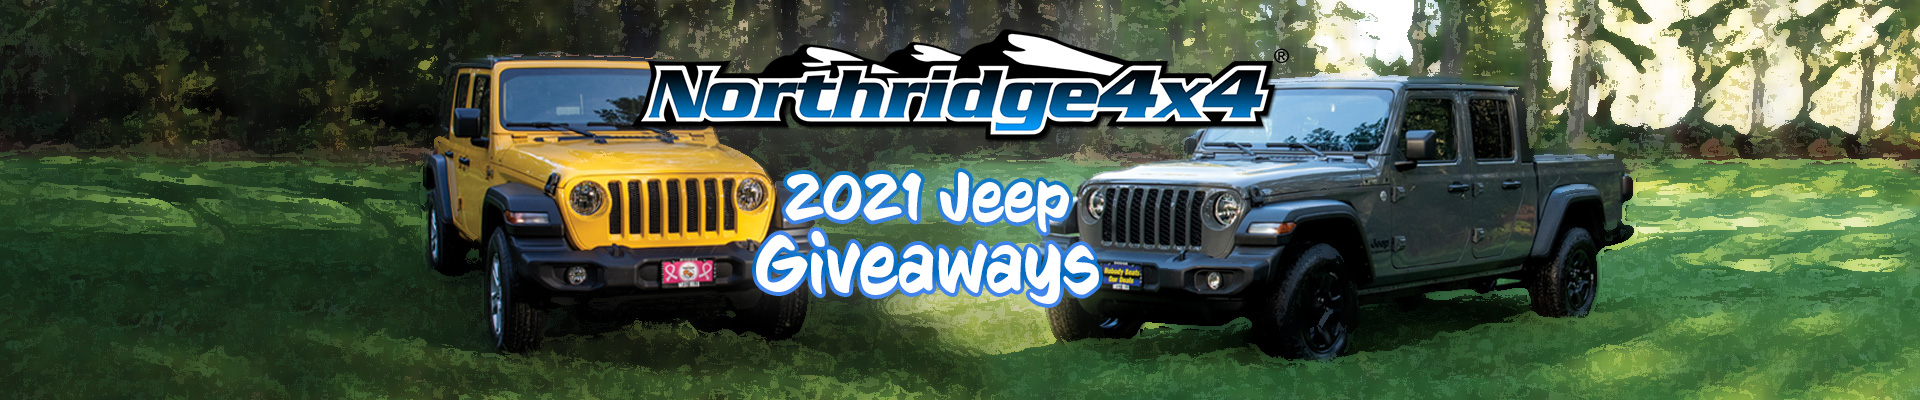 2021 giveaway jeeps